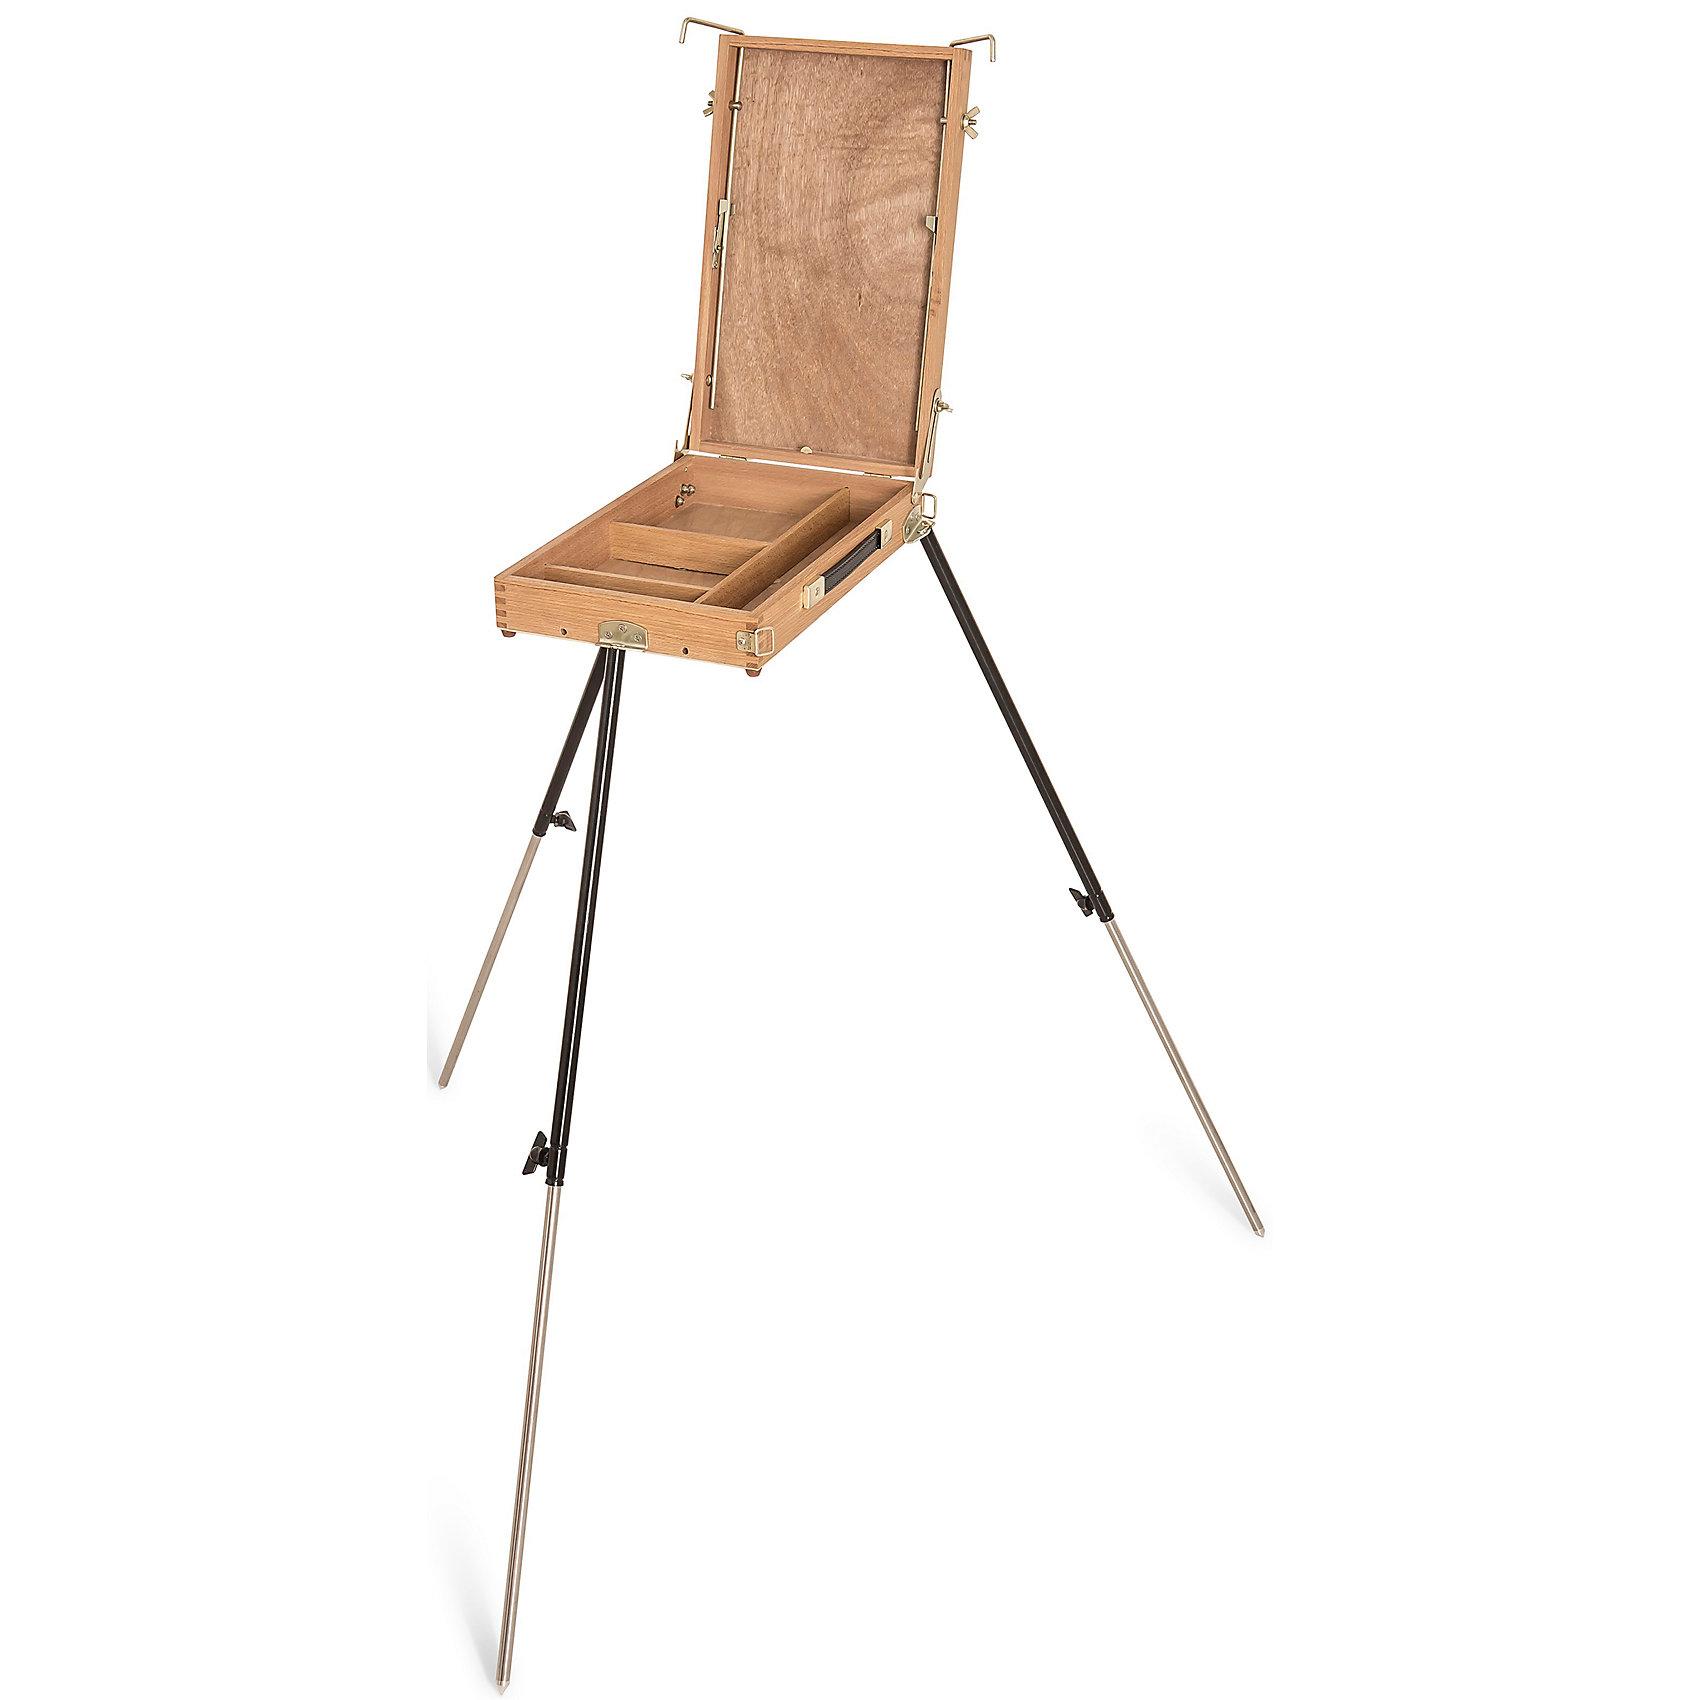 Этюдный ящикПринадлежности для творчества<br>Классический этюдный ящик из промасленного английского бука. Самая легкая модель в линейке этюдников Малевичъ, особенно удобная для  живописи на пленэре. Оснащенный телескопическими ножками и регулирующимся наклоном холста, этюдник позволяет комфортно работать как сидя, так и стоя. При желании, ножки можно снять, чтобы использовать его в качестве настольного мольберта. Во внутреннем ящике можно хранить кисти, краски и другие необходимые принадлежности. Буковая древесина, из которой изготовлен этюдник - очень прочный материал, традиционно использующийся для производства профессиональных мольбертов. Крепления и фурнитура - из устойчивого к коррозии металлического сплава красивого золотистого цвета. В сложенном виде этюдник представляет собой компактный ящик с ручкой и ремешком для ношения на плече. Дополнительно прилагается чехол для ножек.<br><br>Габариты: <br><br>Высота – 88-123 см<br>Ящик - 25 х 40 х 7,5 см <br>Ширина полки для холста - 37 см <br>Максимальная высота холста - 65 см <br>Ниша для подрамника - 2 см <br>Габариты в сложенном виде - 25 х 40 х 7,5 см <br>Вес – 3 кг<br><br>Этюдник Малевичъ: <br><br>·          суперлегкий <br>·          прочный и надежный <br>·          из натурального дерева <br>·          устойчив к влаге и коррозии <br>·          со съемными телескопическими ножками <br>·          с внутренним ящиком для красок и инструментов <br>·          компактно складывается <br>·          оснащен ручкой и ремнем для переноски <br>·          особенно удобен при работе на пленэре<br><br>Ширина мм: 520<br>Глубина мм: 320<br>Высота мм: 120<br>Вес г: 3000<br>Возраст от месяцев: 84<br>Возраст до месяцев: 2147483647<br>Пол: Унисекс<br>Возраст: Детский<br>SKU: 6757425